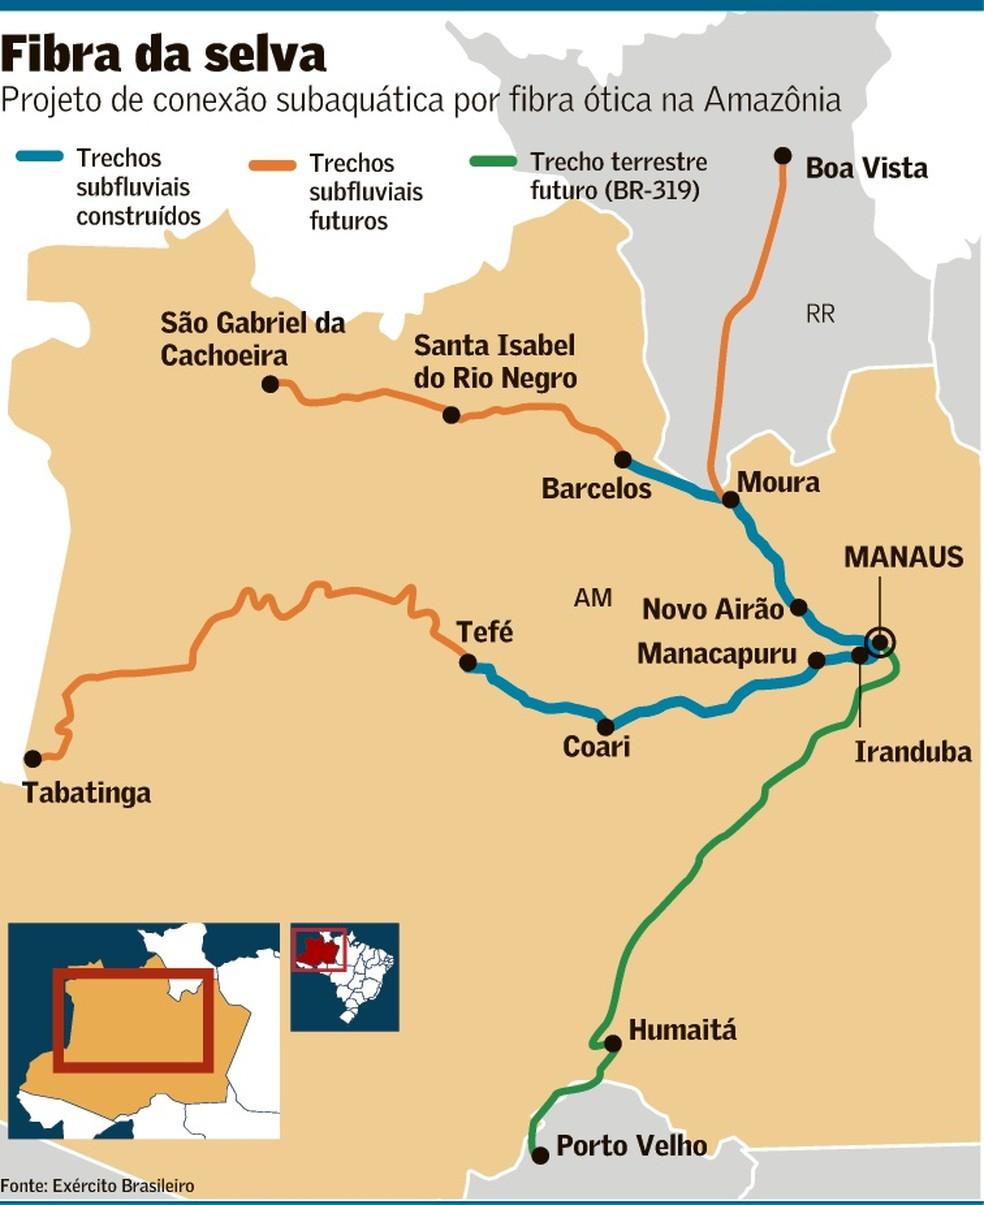 Exército planeja 3 mil km de fibra ótica para ligar Amazônia | Brasil | Valor Econômico